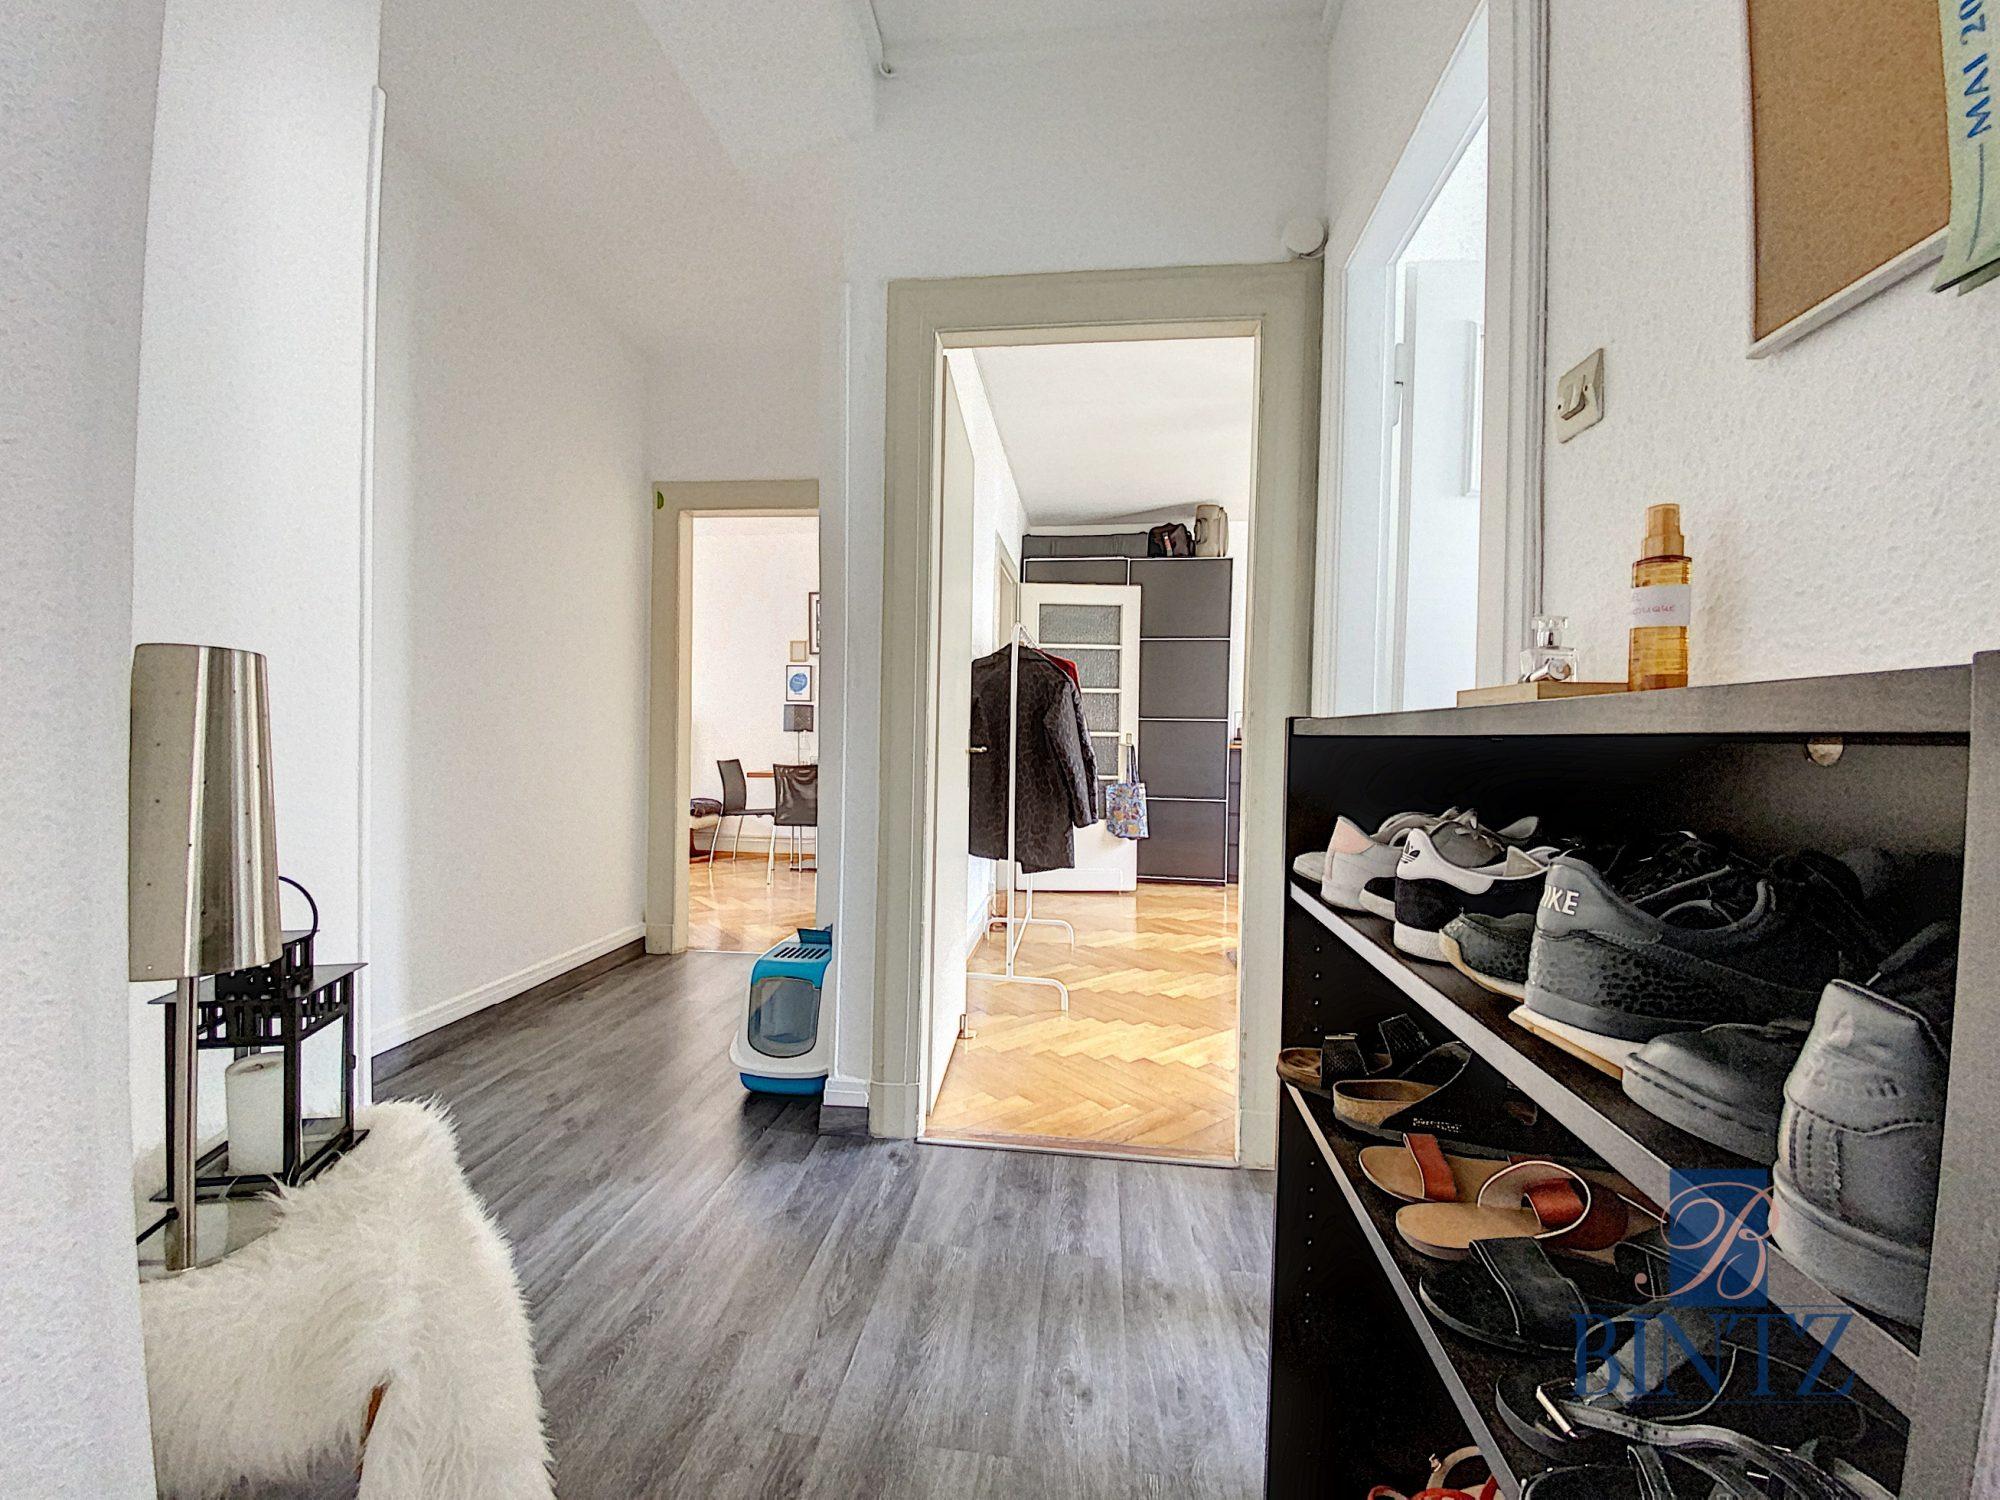 2 PIECES AVEC BALCON KRUTENAU - Devenez locataire en toute sérénité - Bintz Immobilier - 8